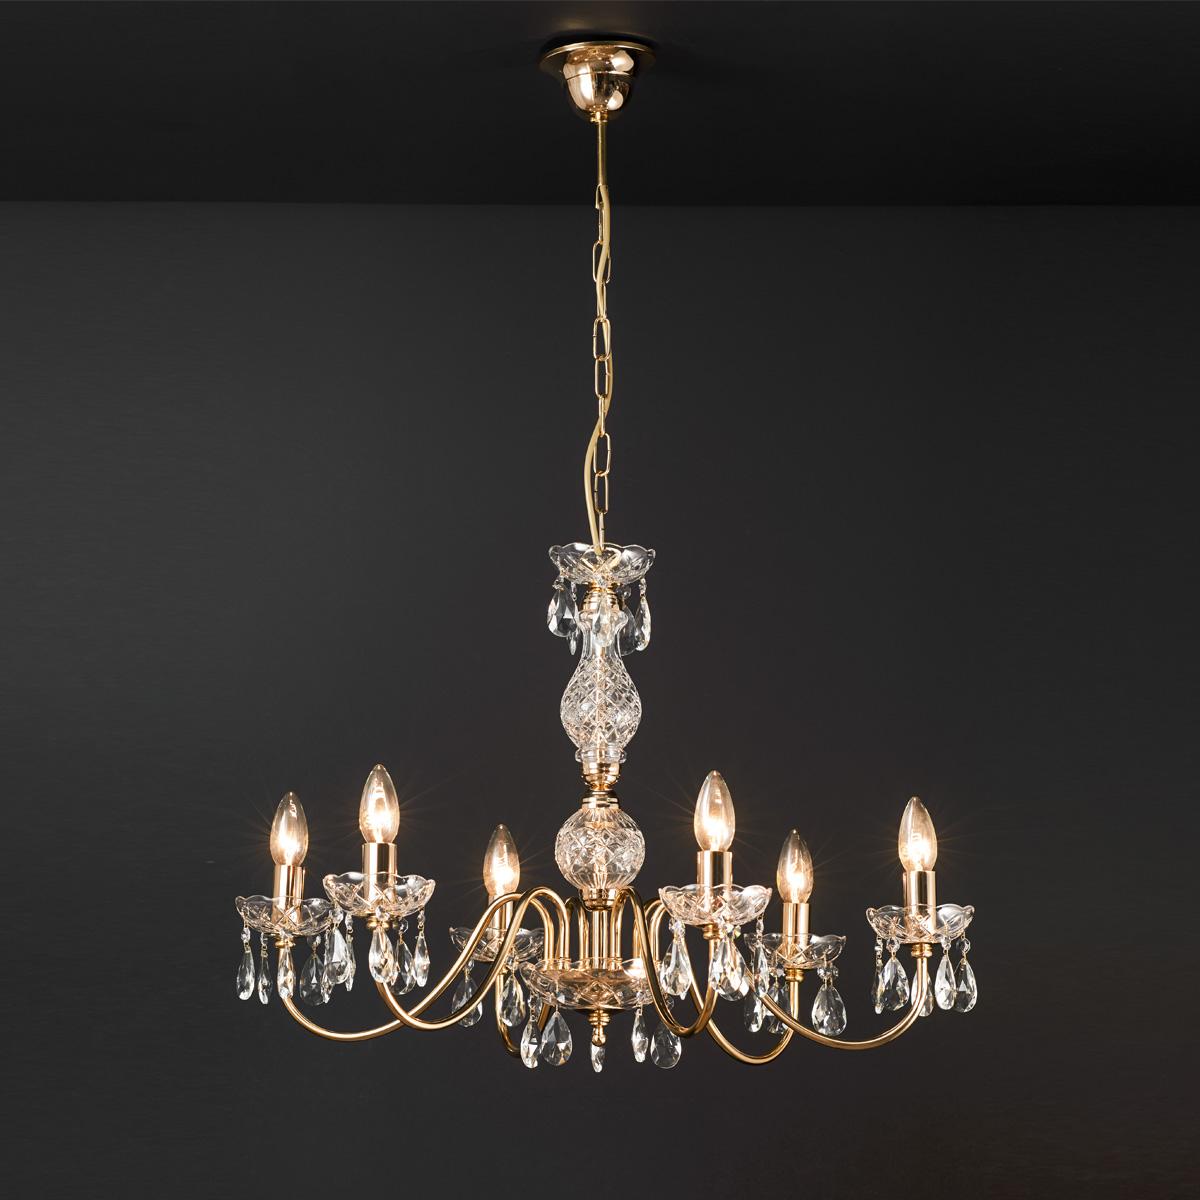 Κλασικό 6φωτο φωτιστικό με κρύσταλλα ΒΕΡΓΙΝΑ classic 6-bulb chandelier with crystals